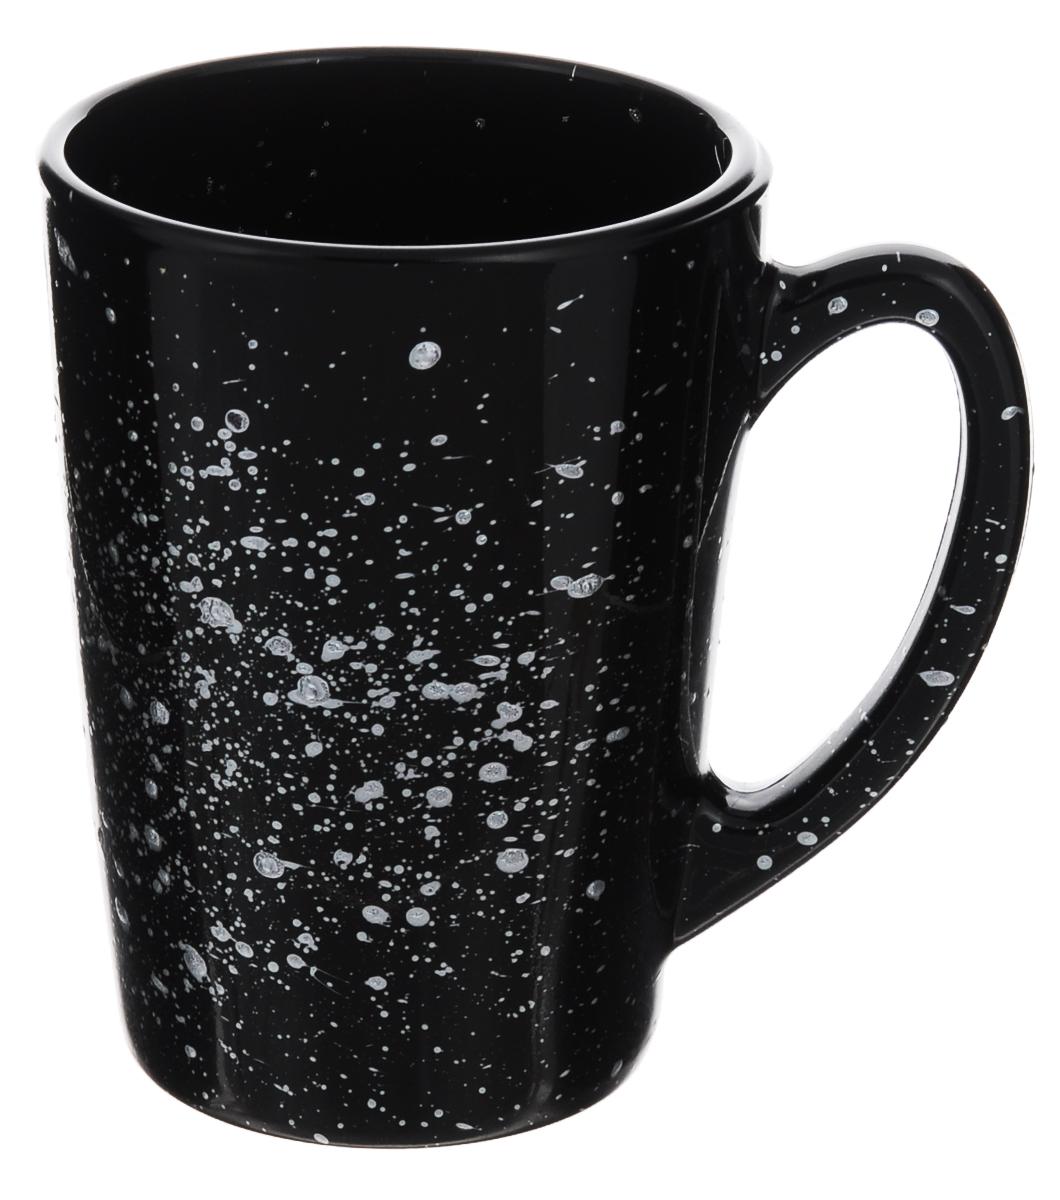 Кружка Luminarc Shades Black, 320 млH8401Кружка Luminarc Shades Black изготовлена из упрочненного стекла. Такая кружка прекрасно подойдет для горячих и холодных напитков. Она дополнит коллекцию вашей кухонной посуды и будет служить долгие годы. Объем кружки: 320 мл. Диаметр кружки (по верхнему краю): 8 см. Высота стенки кружки: 11 см.